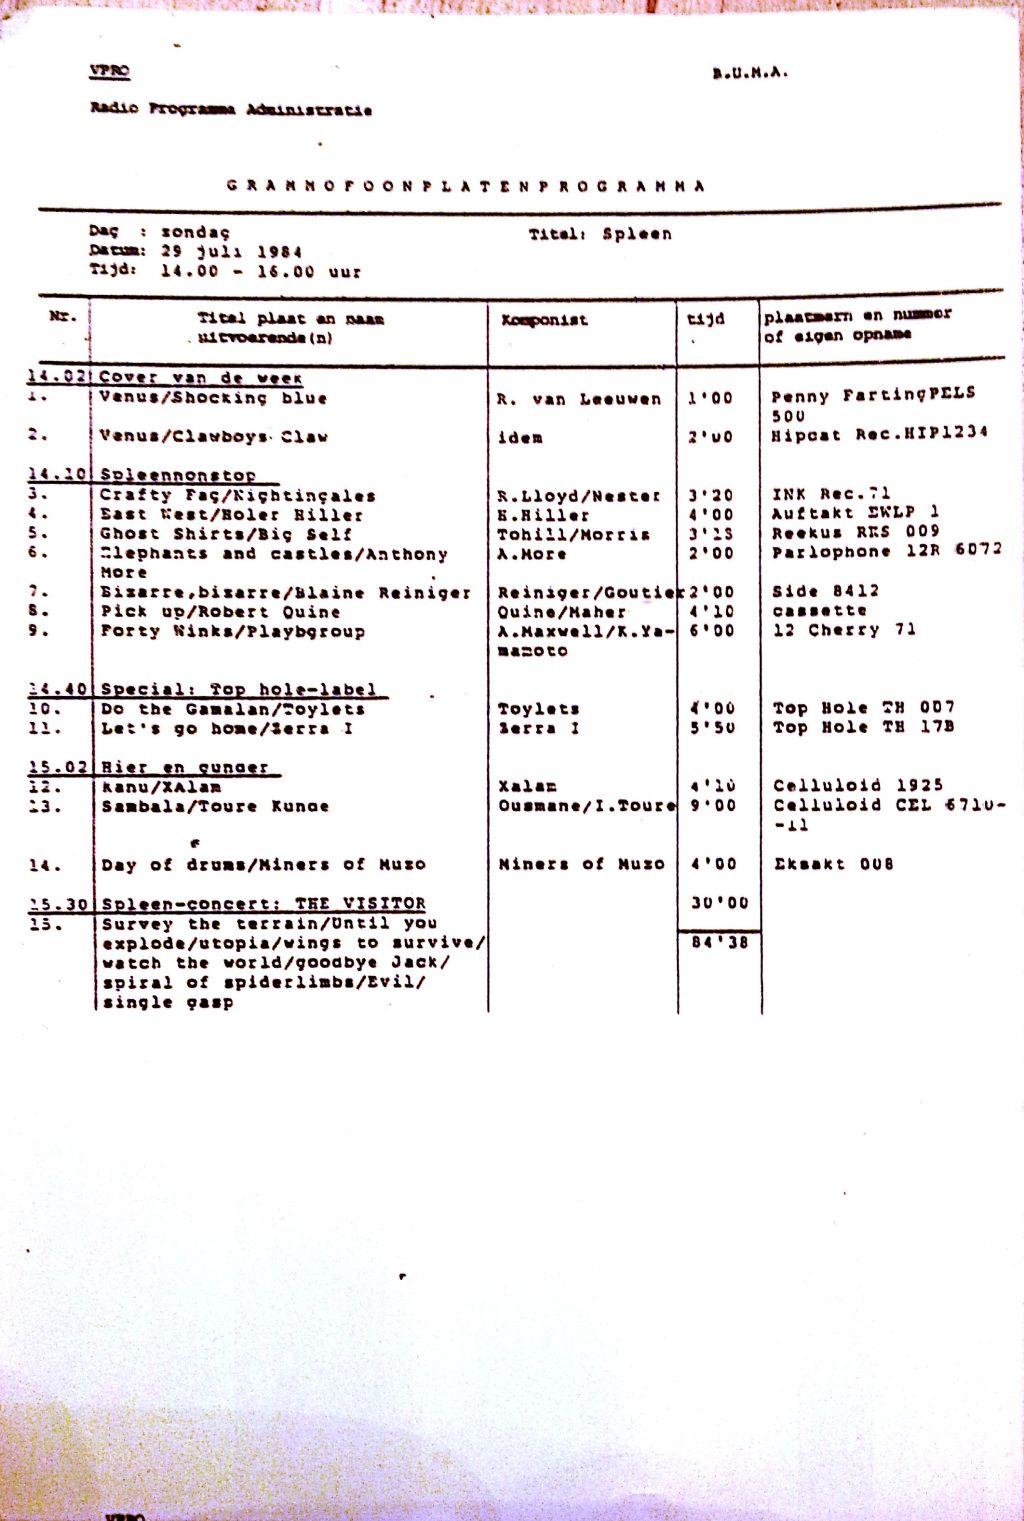 spleen 29 juli 1984